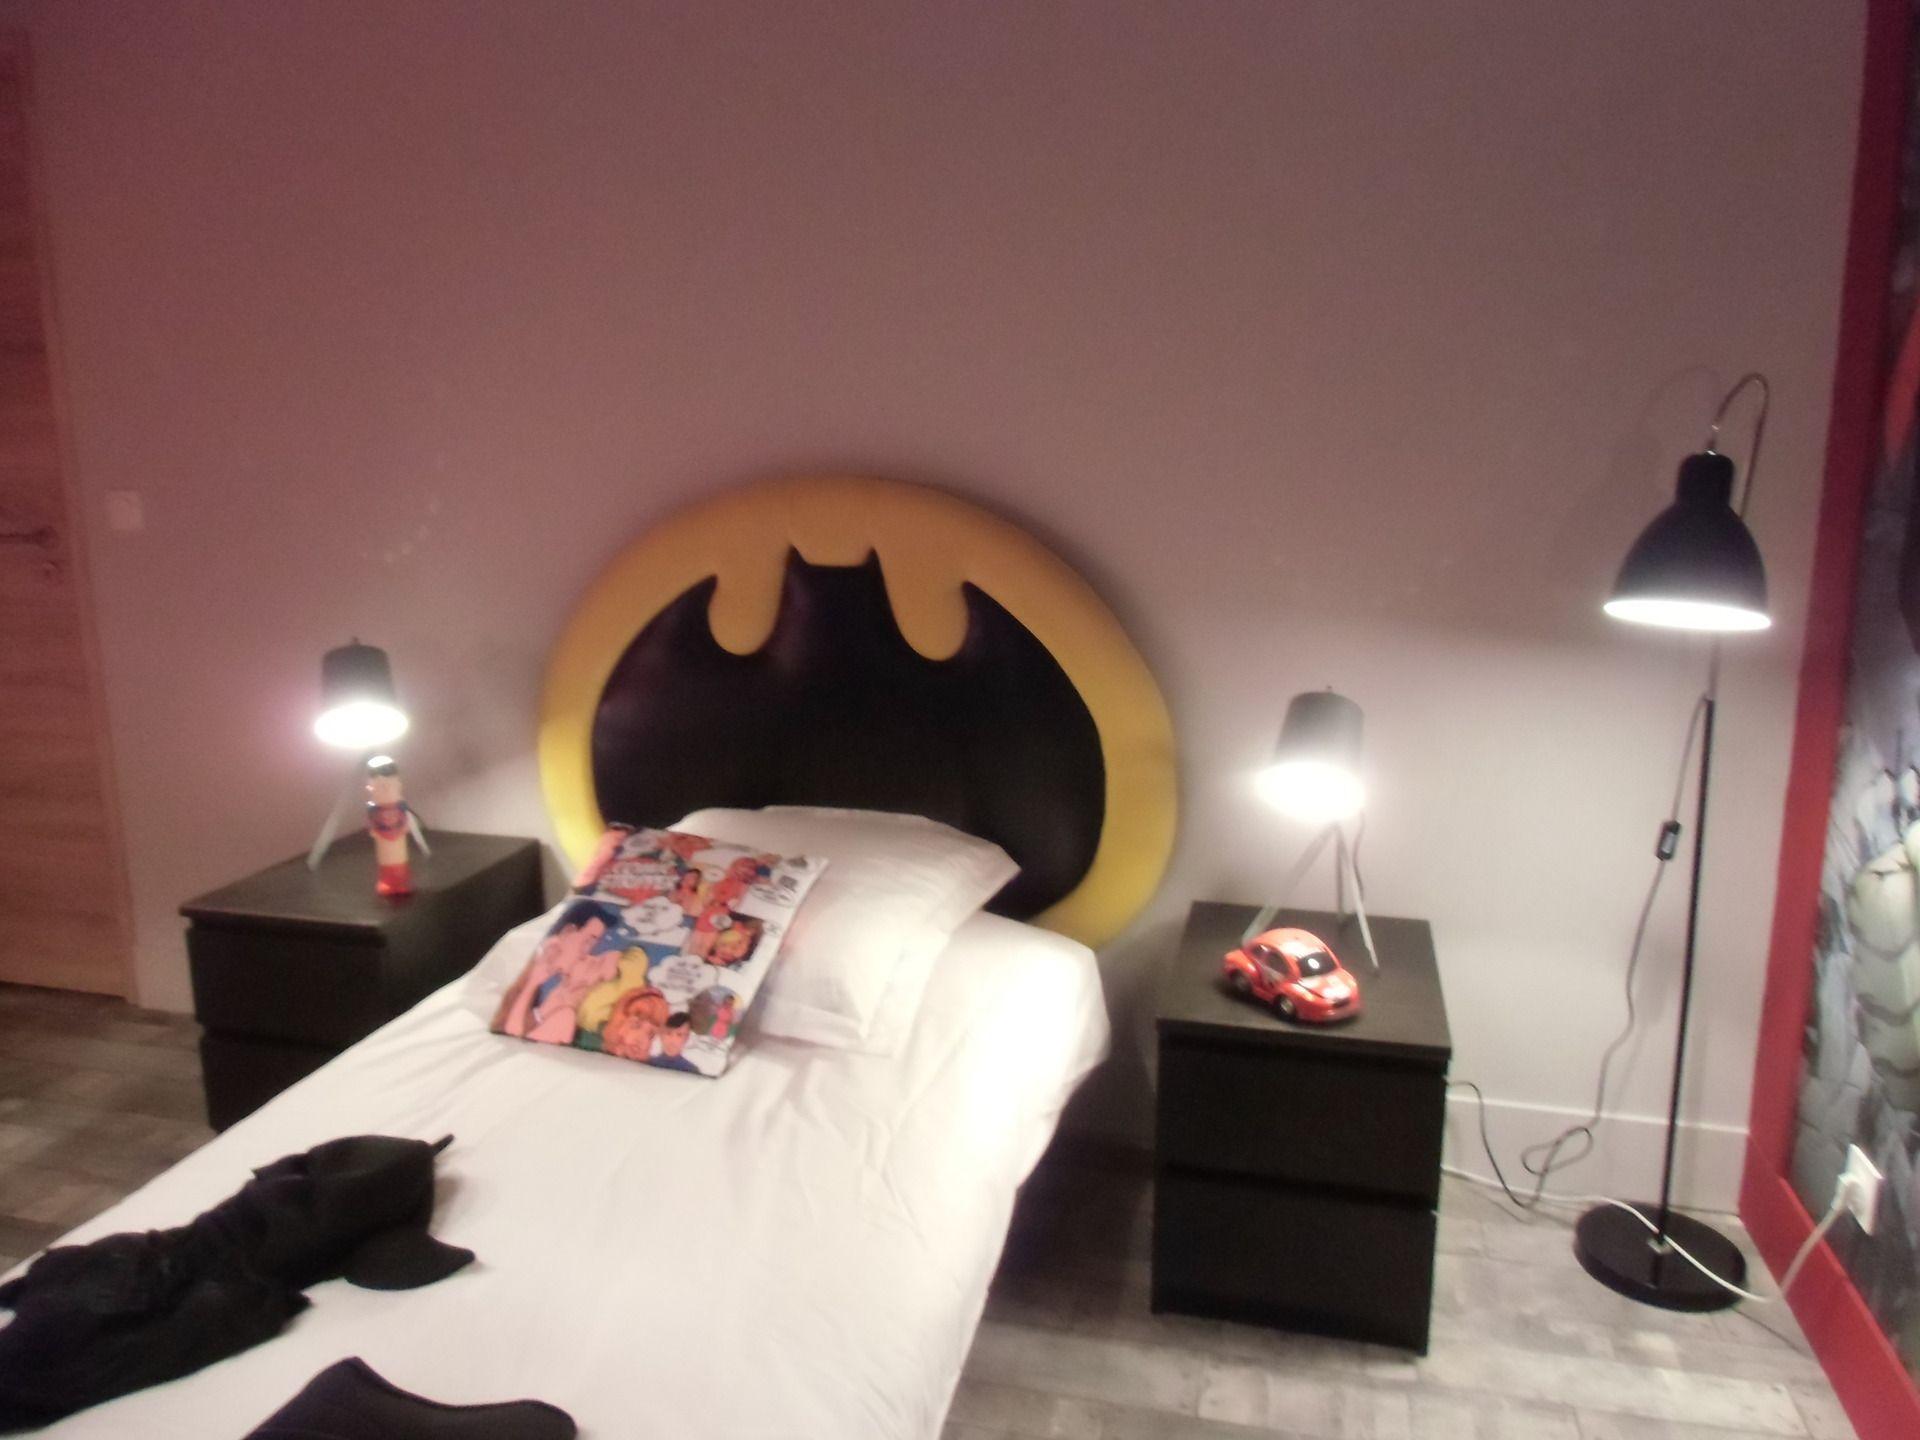 T te de lit batman lit enfant super h ros cr ation unique chambre d 39 enfant de b b par - Deco chambre super heros ...